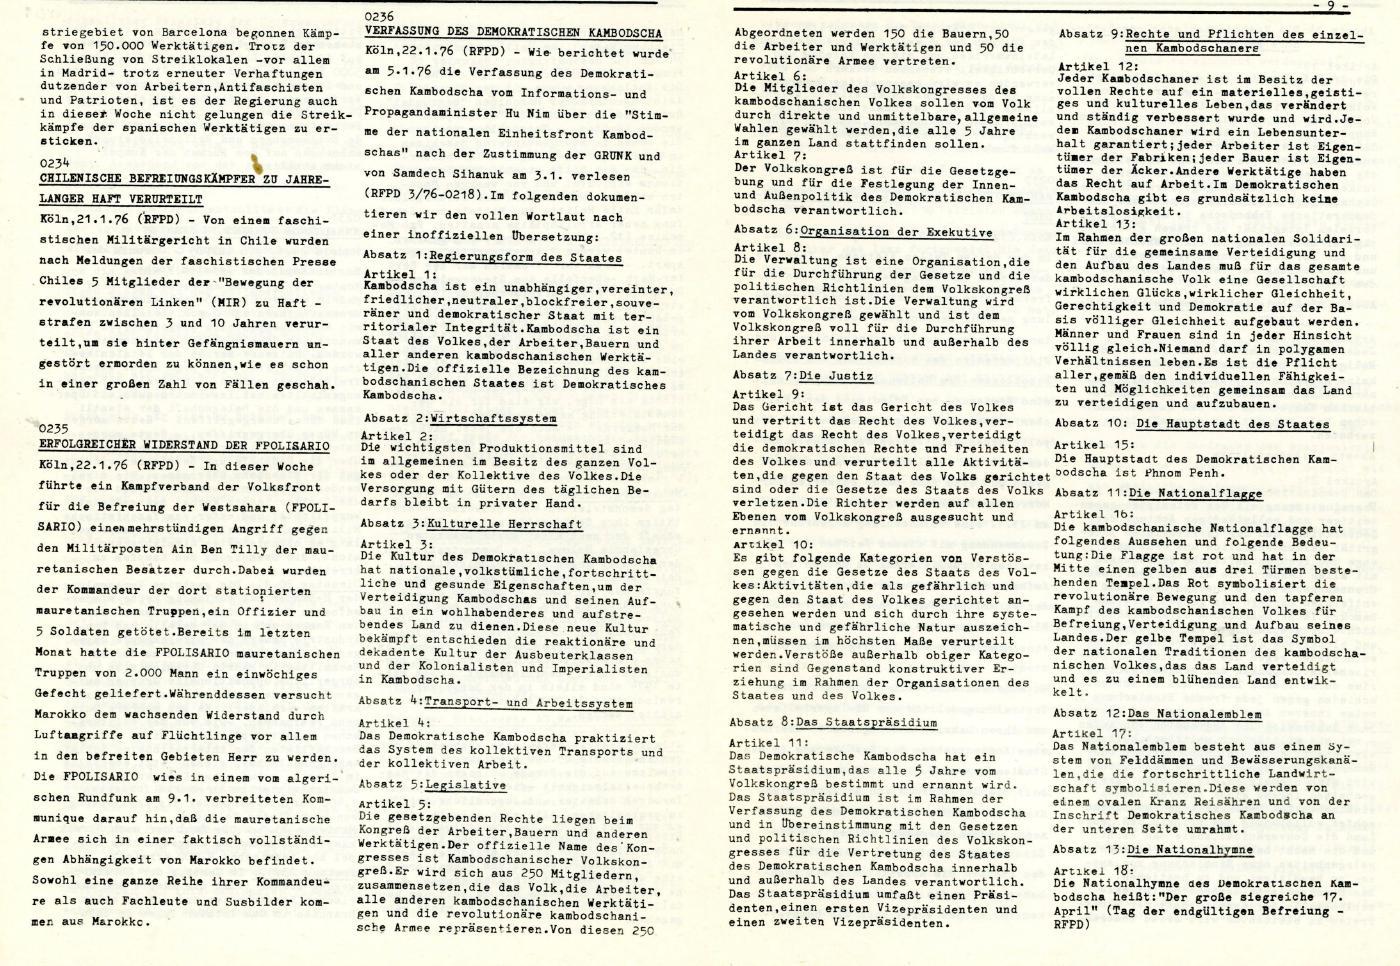 Rote_Fahne_Pressedienst_1976_04_05